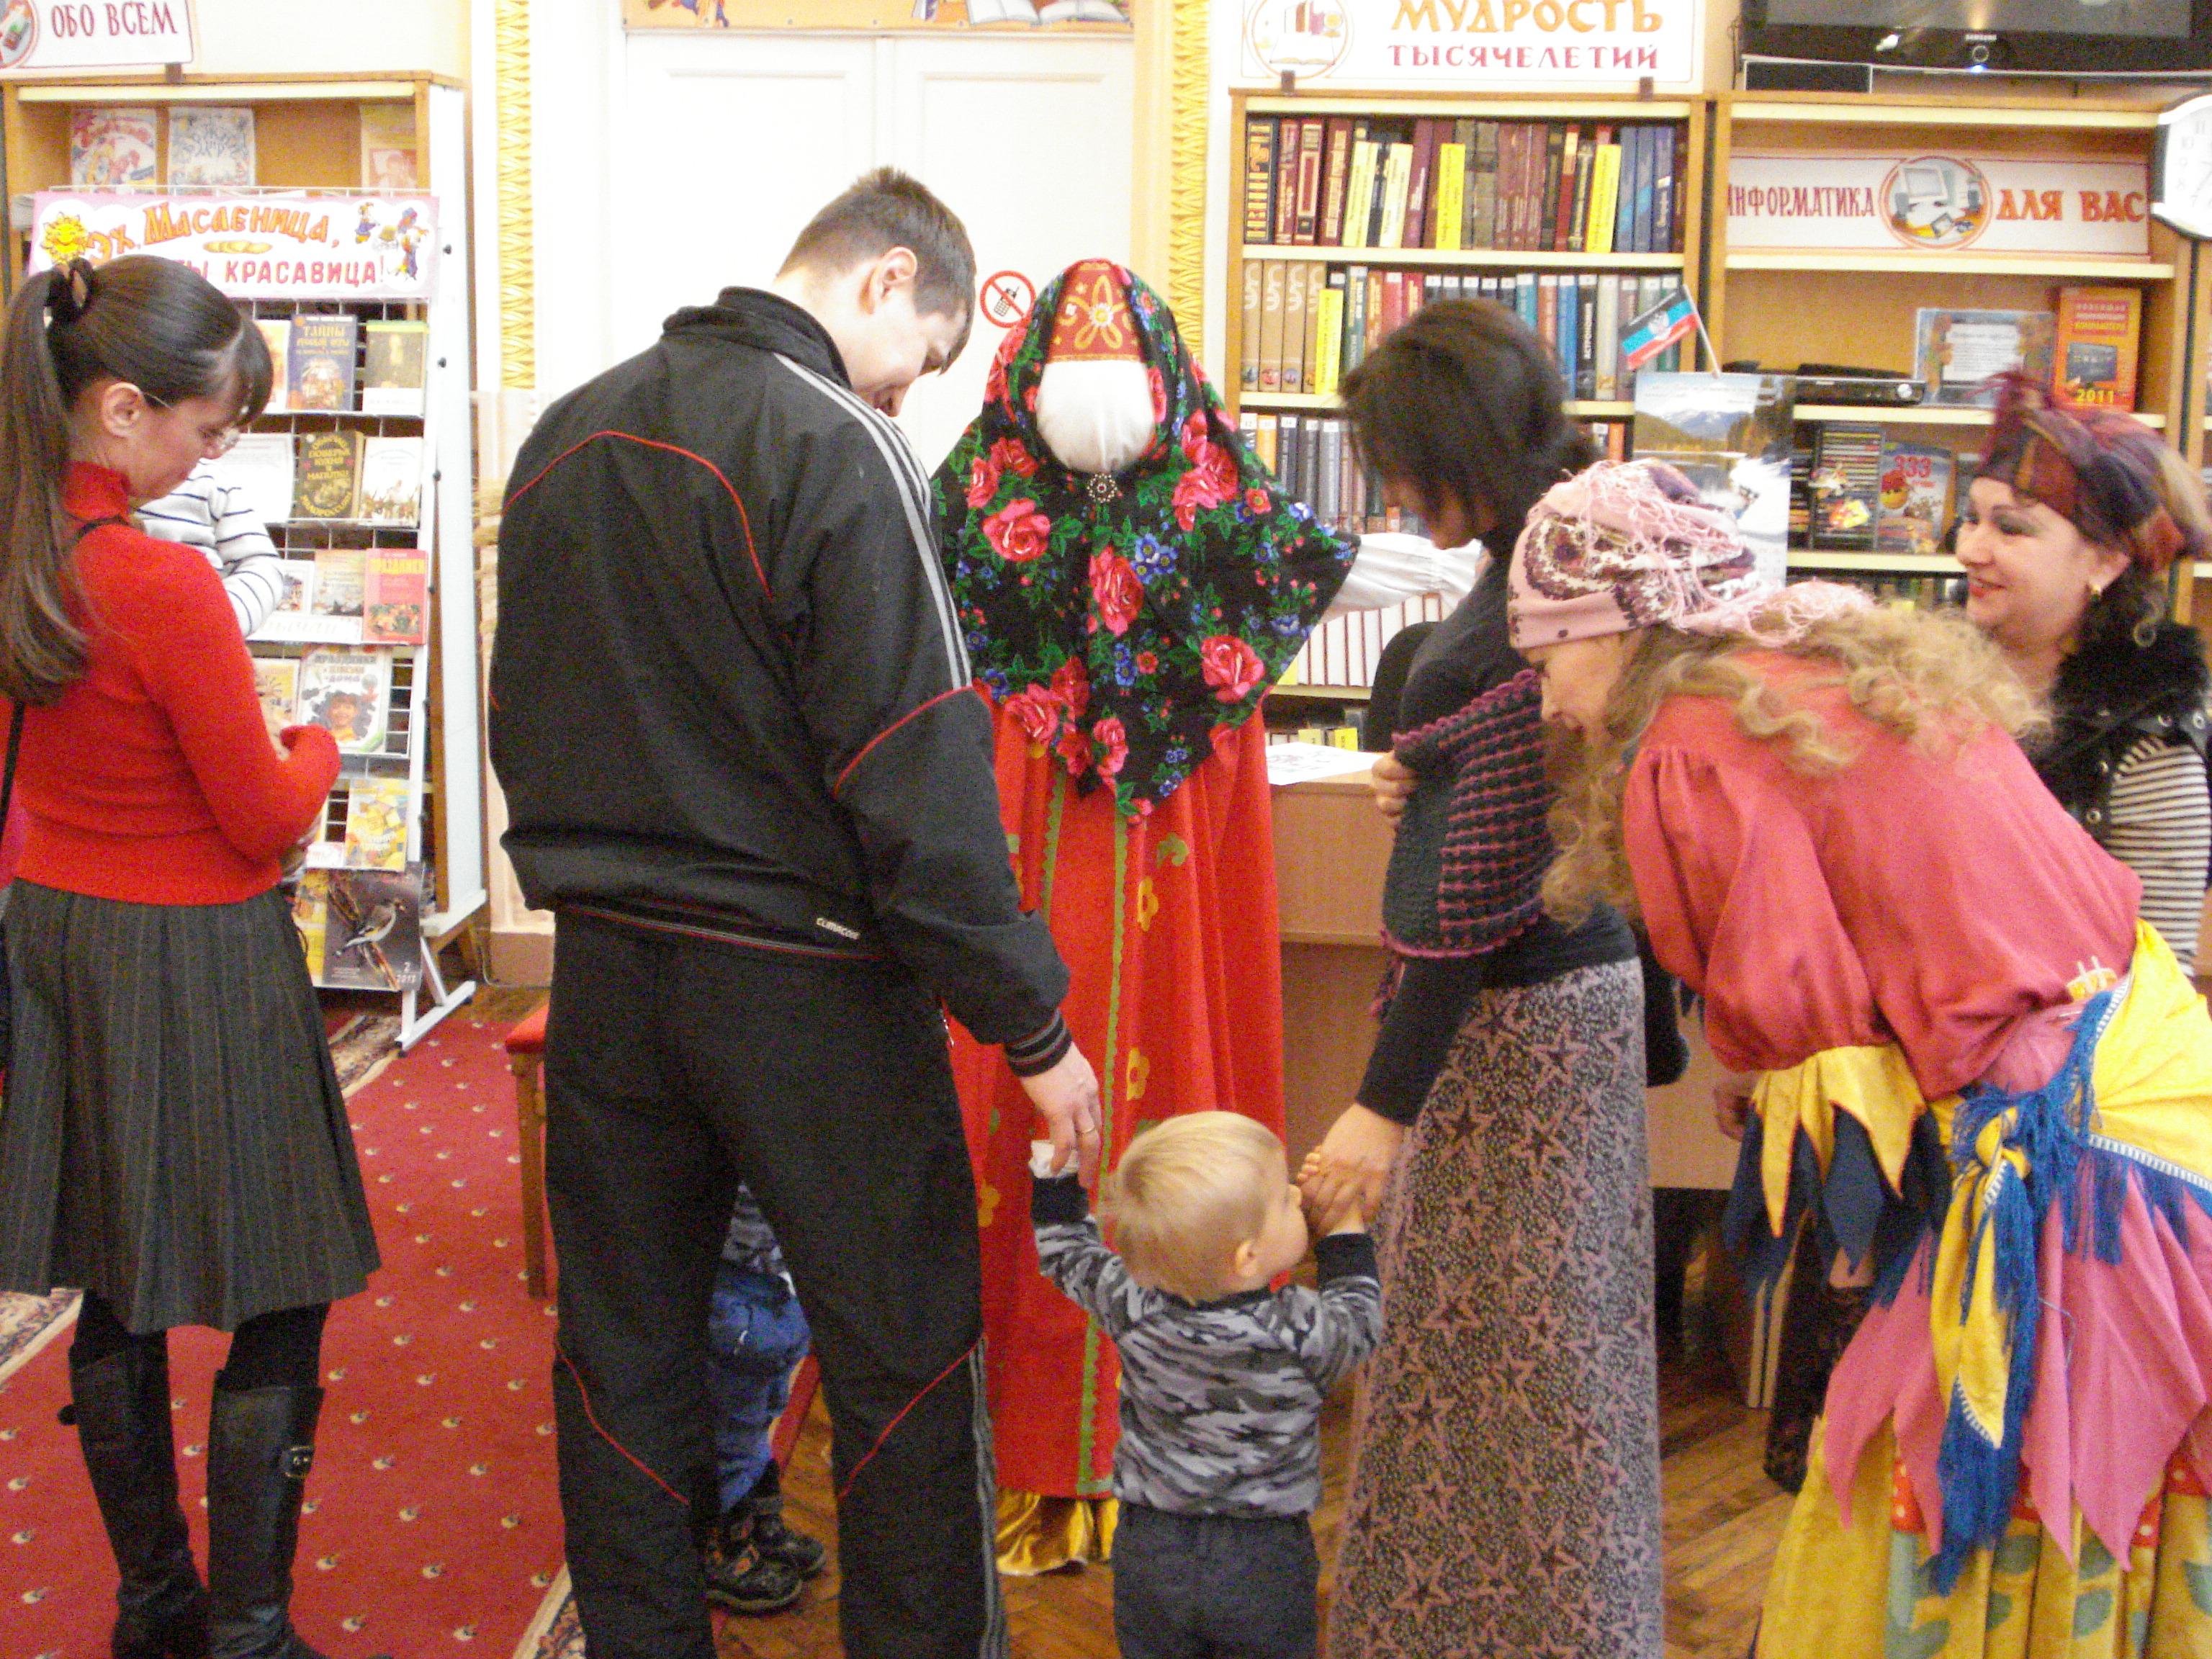 масленичный переполох, донецкая республиканская библиотека для детей, занятия с детьми, гуманитарная программа по воссоединению народа донбасса